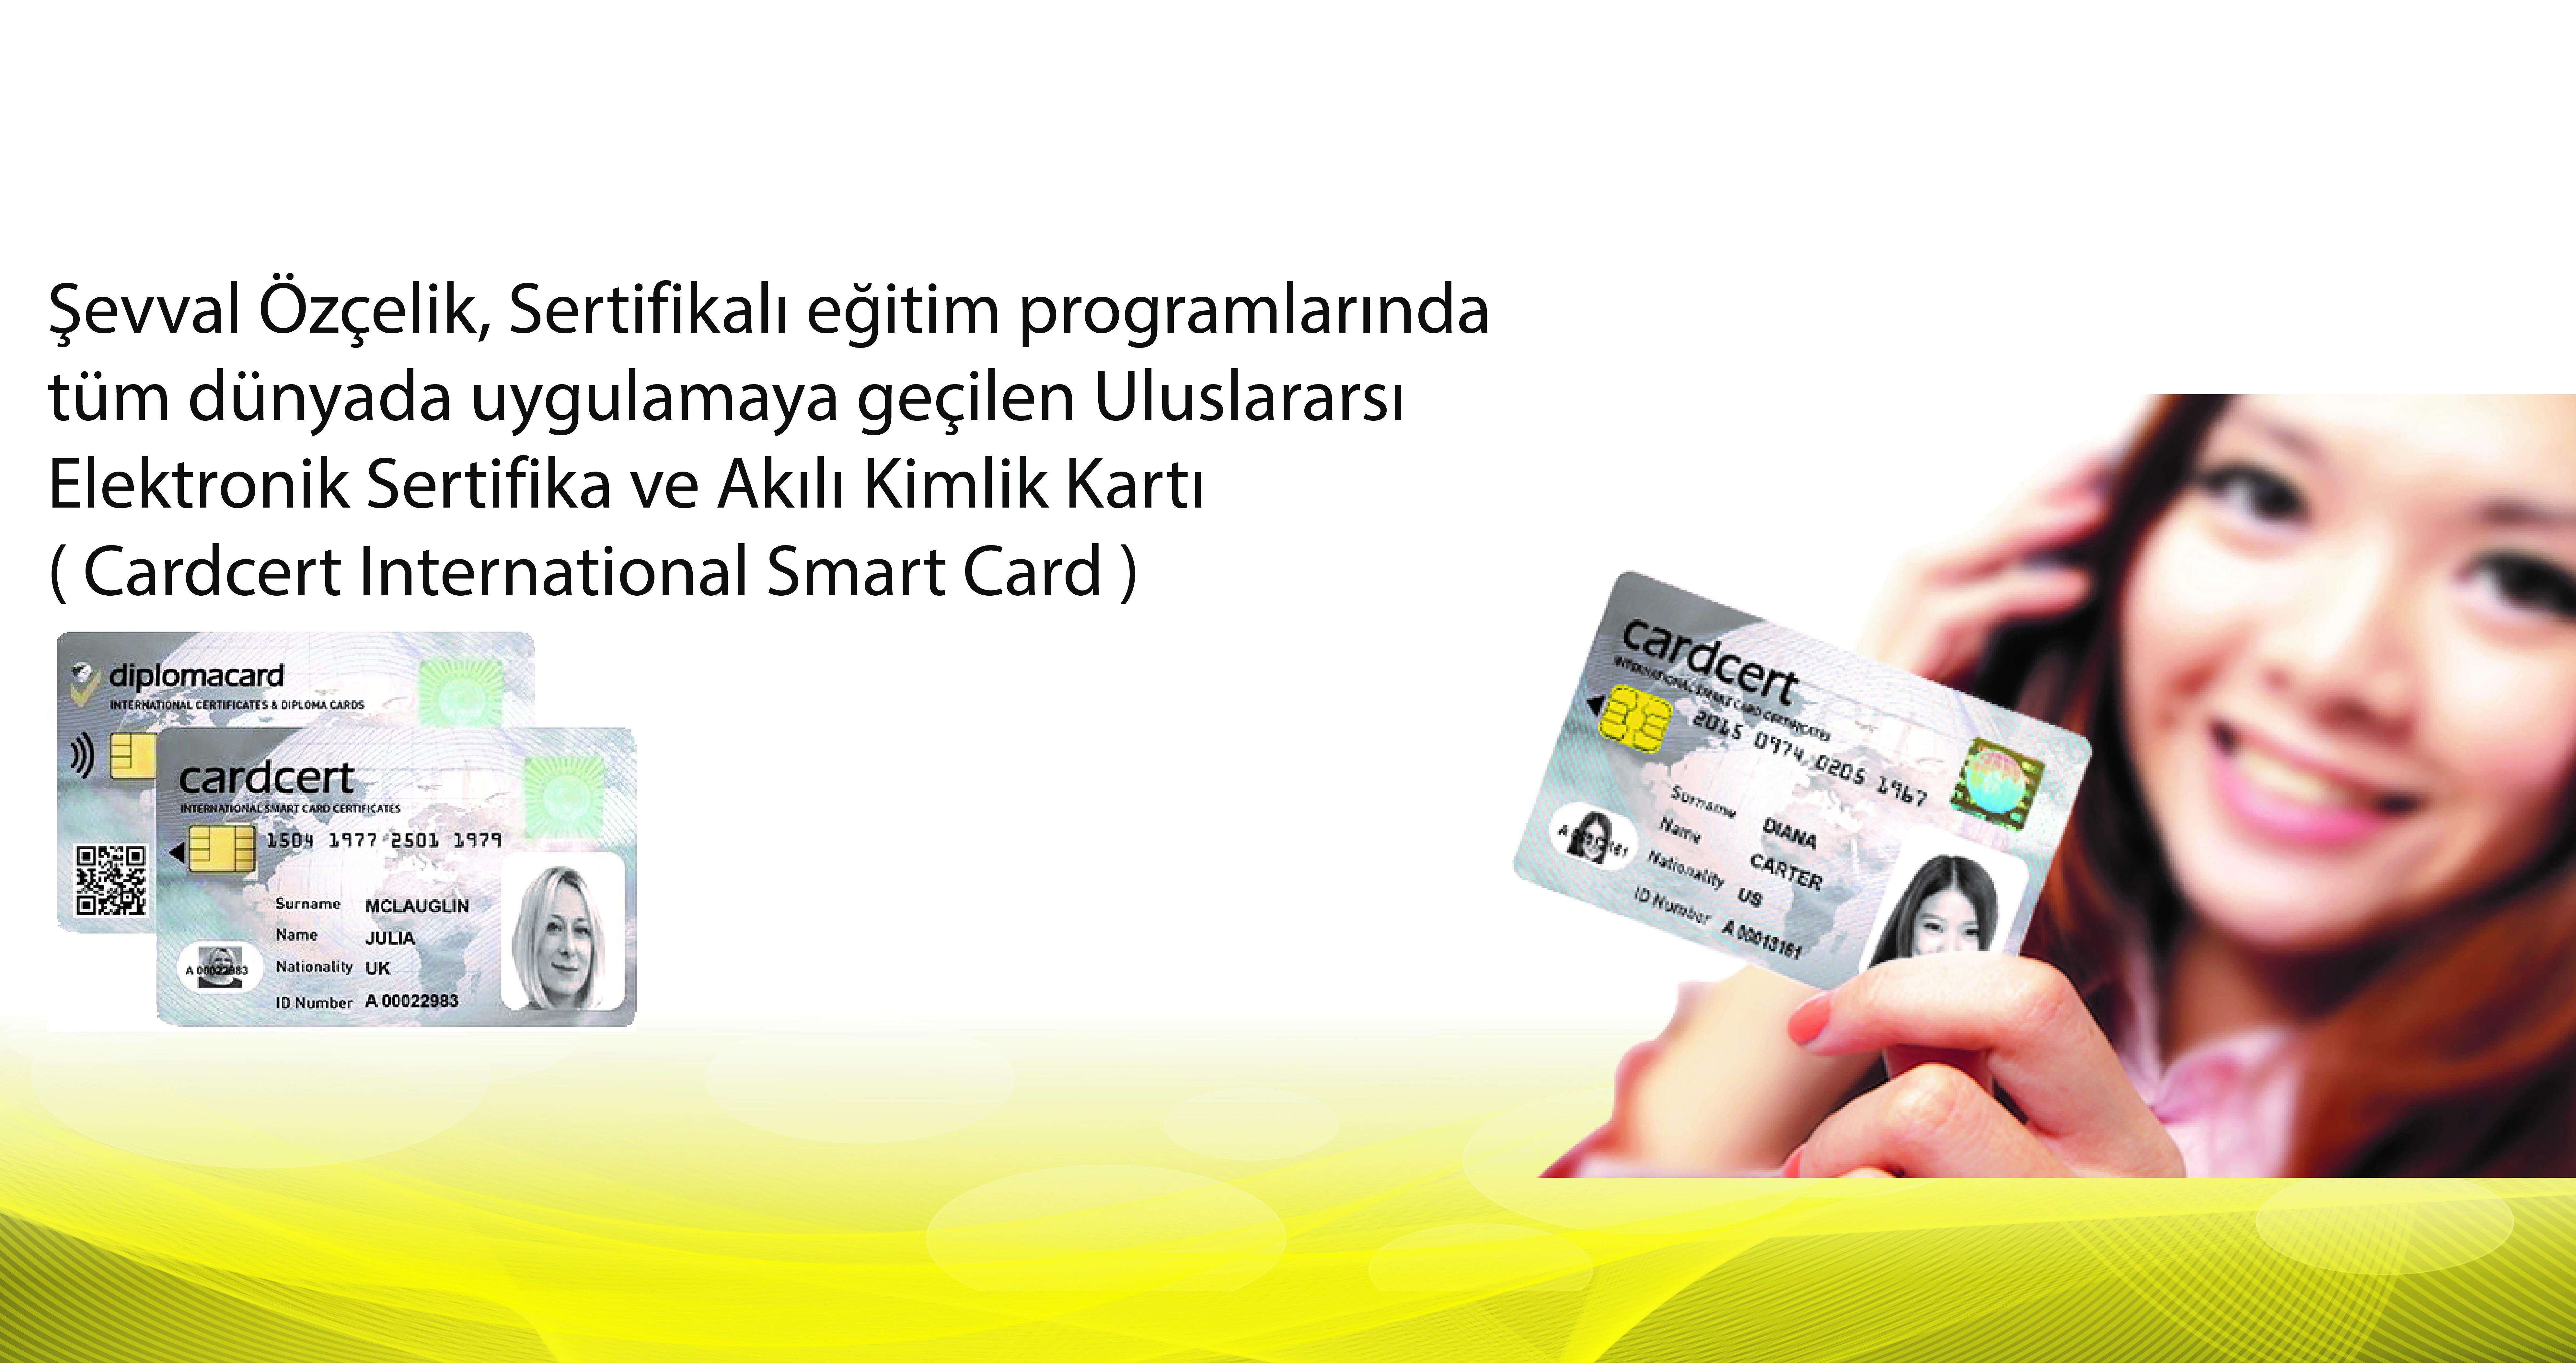 Card-cert